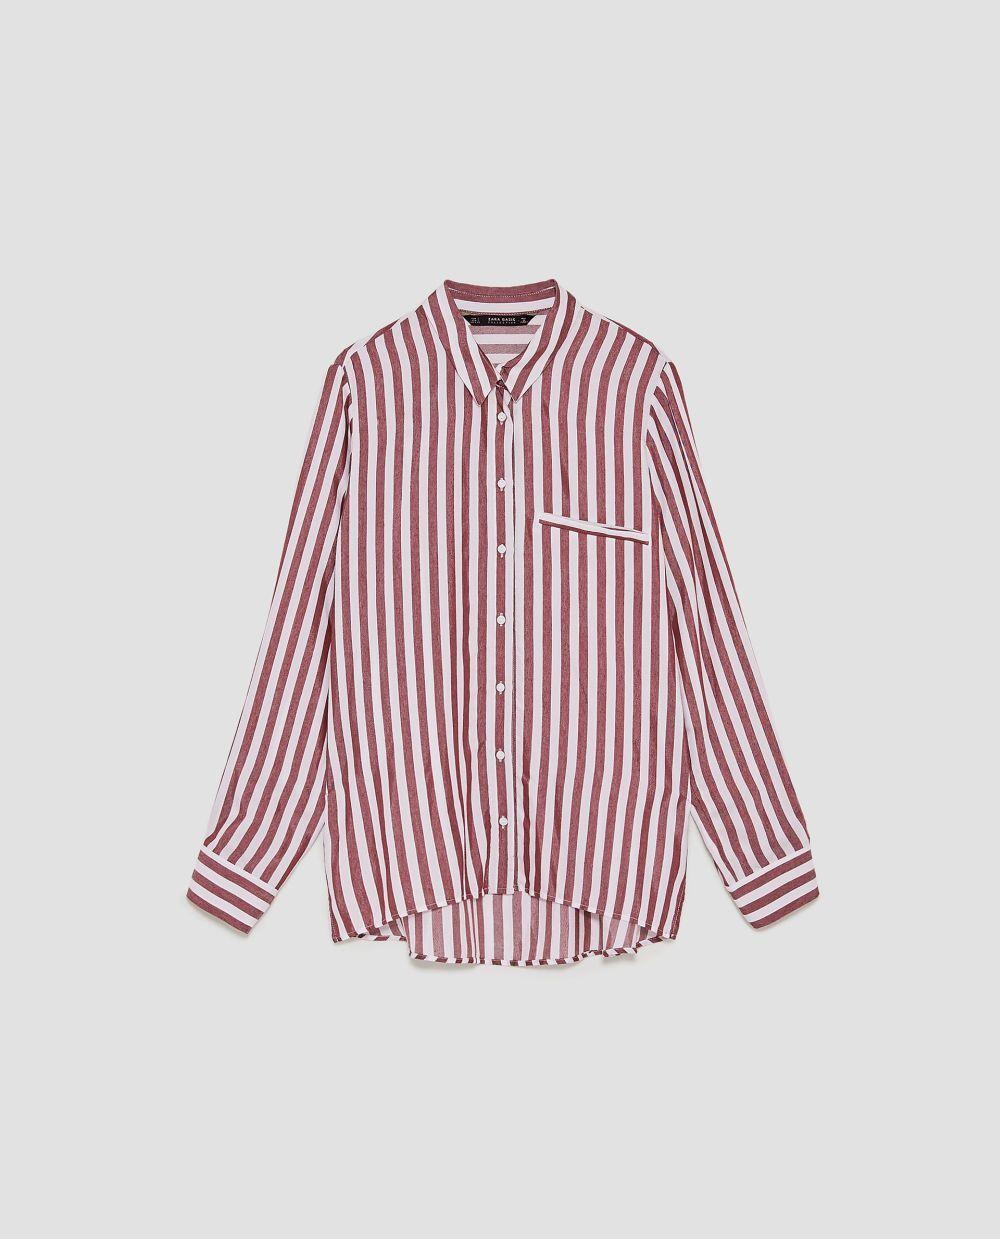 Camisa de rayas de Zara (25,95 euros)